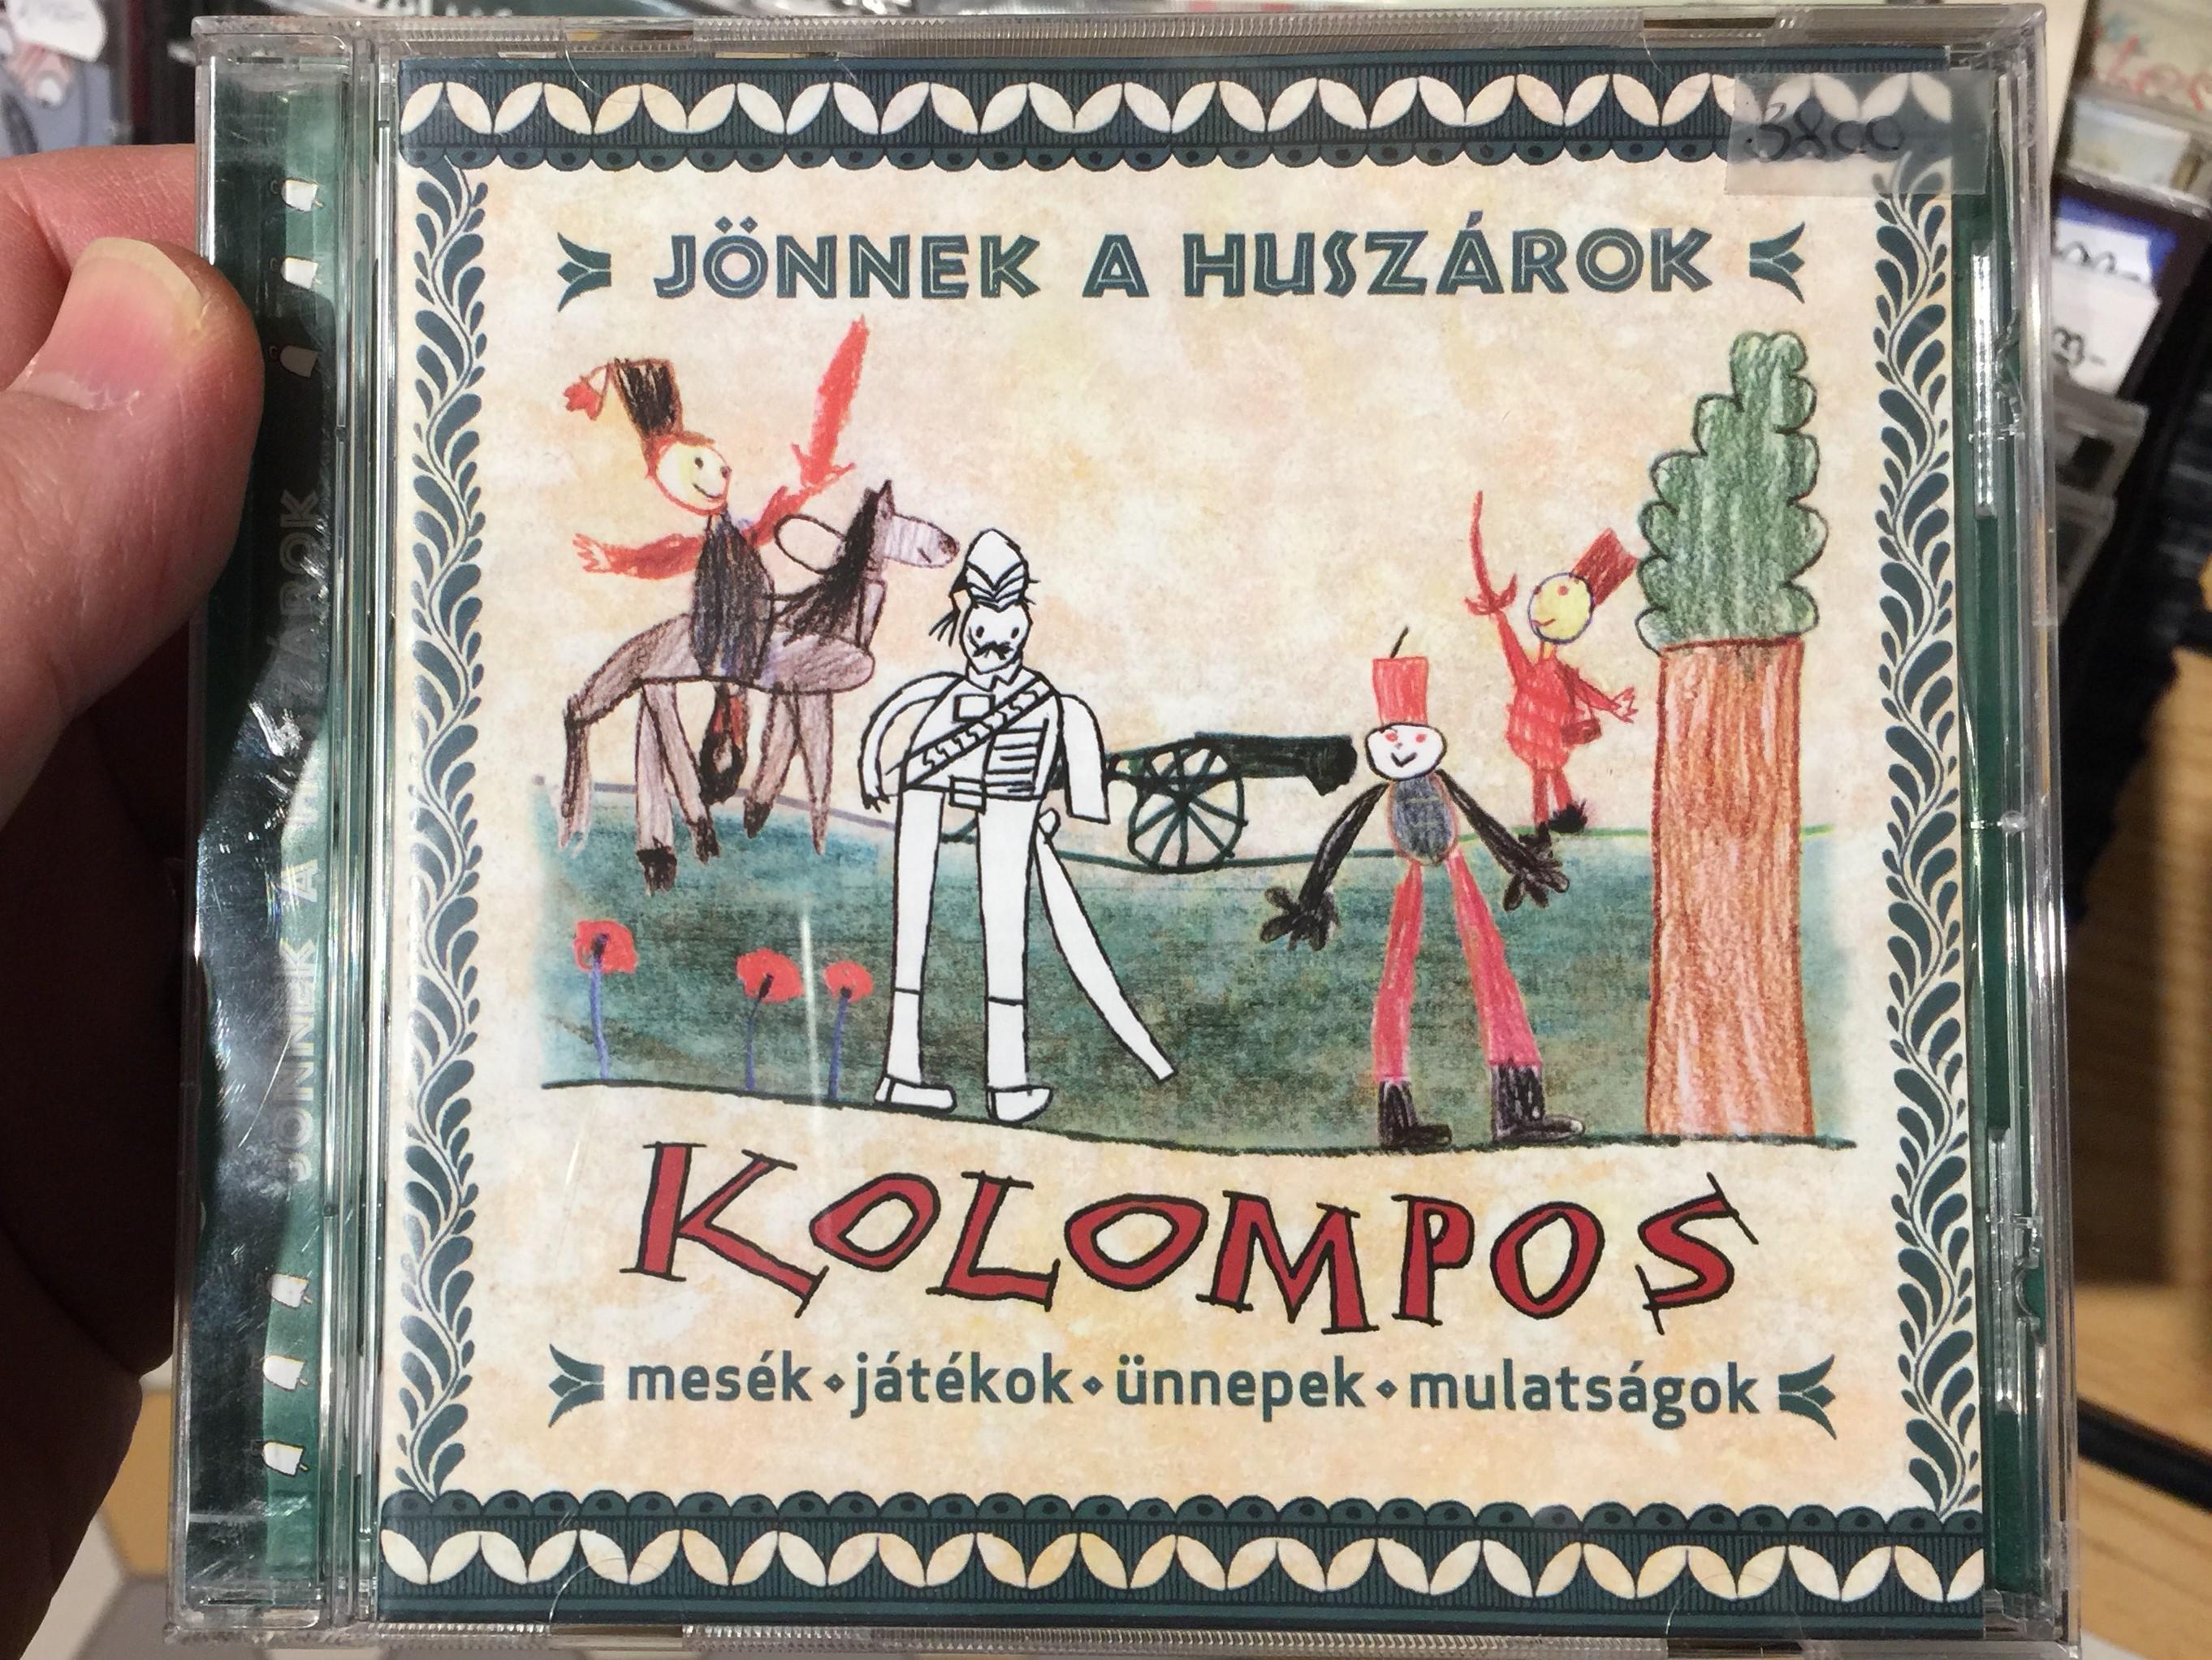 j-nnek-a-husz-rok-kolompos-mes-k-j-t-kok-nnepek-mulats-gok-kolompos-kkt.-audio-cd-2003-k-03-1-.jpg